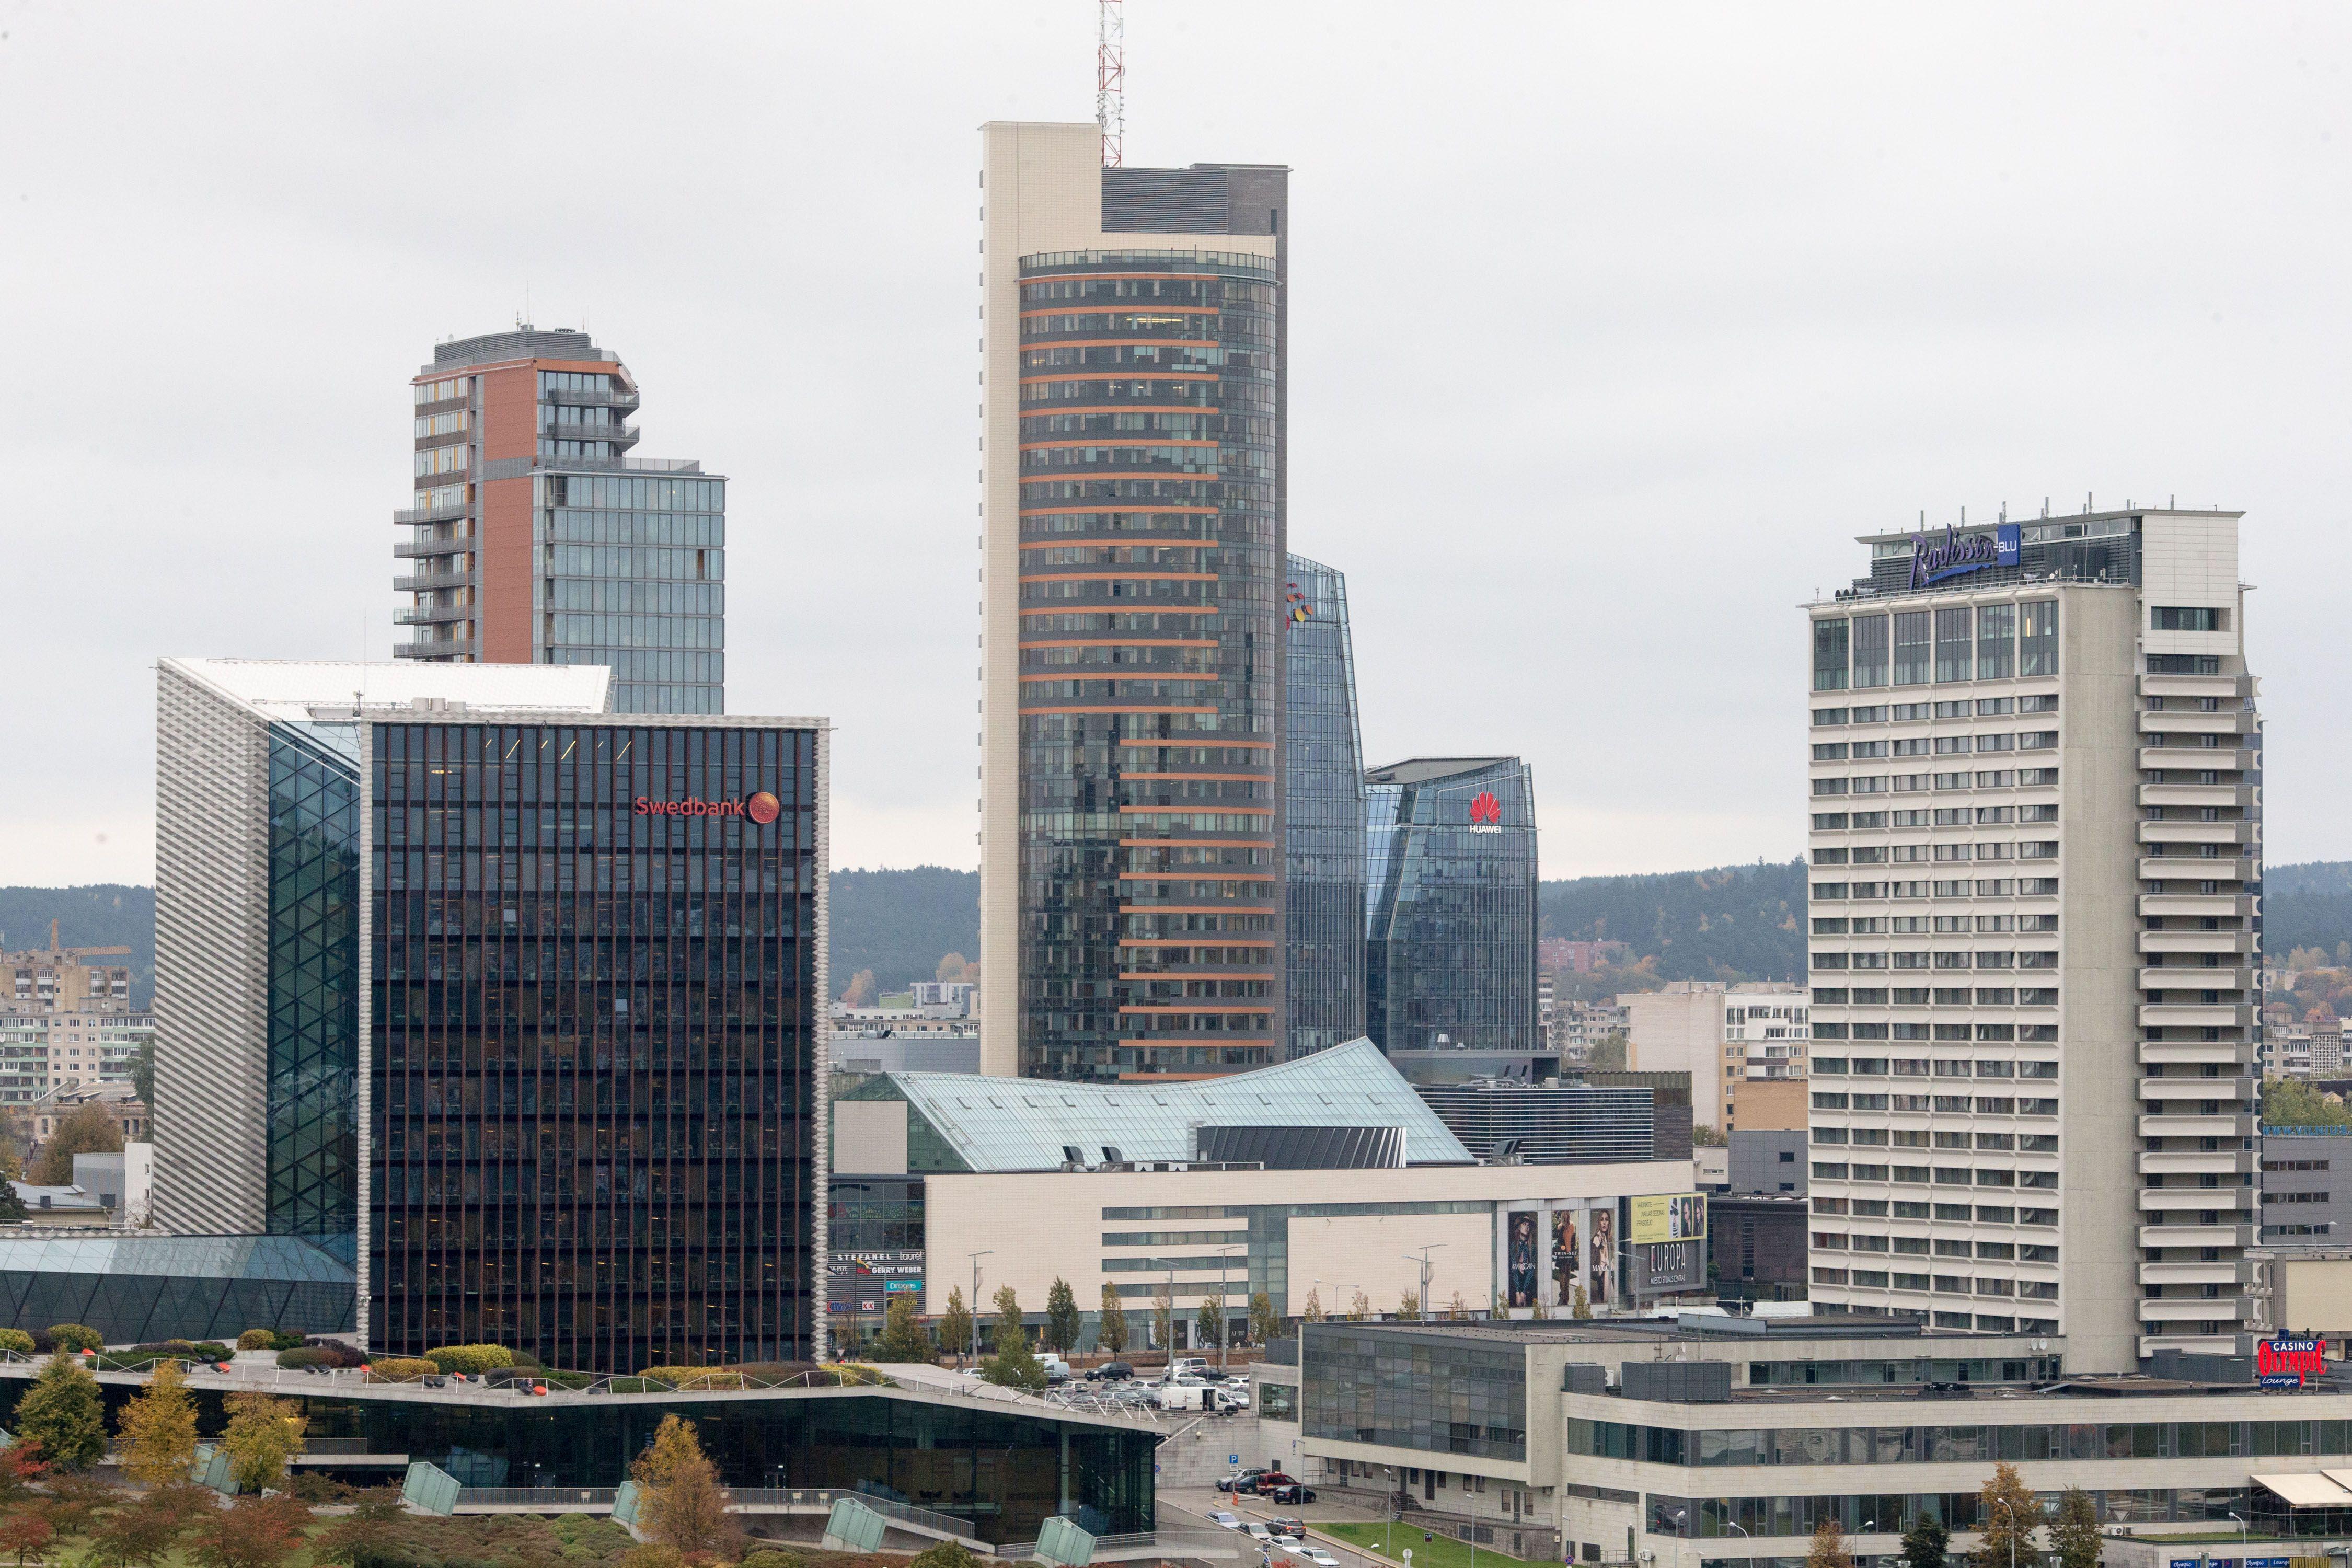 Viešbučių verslo kalneliai: Kaunas kyla, Neringa – smunka žemyn